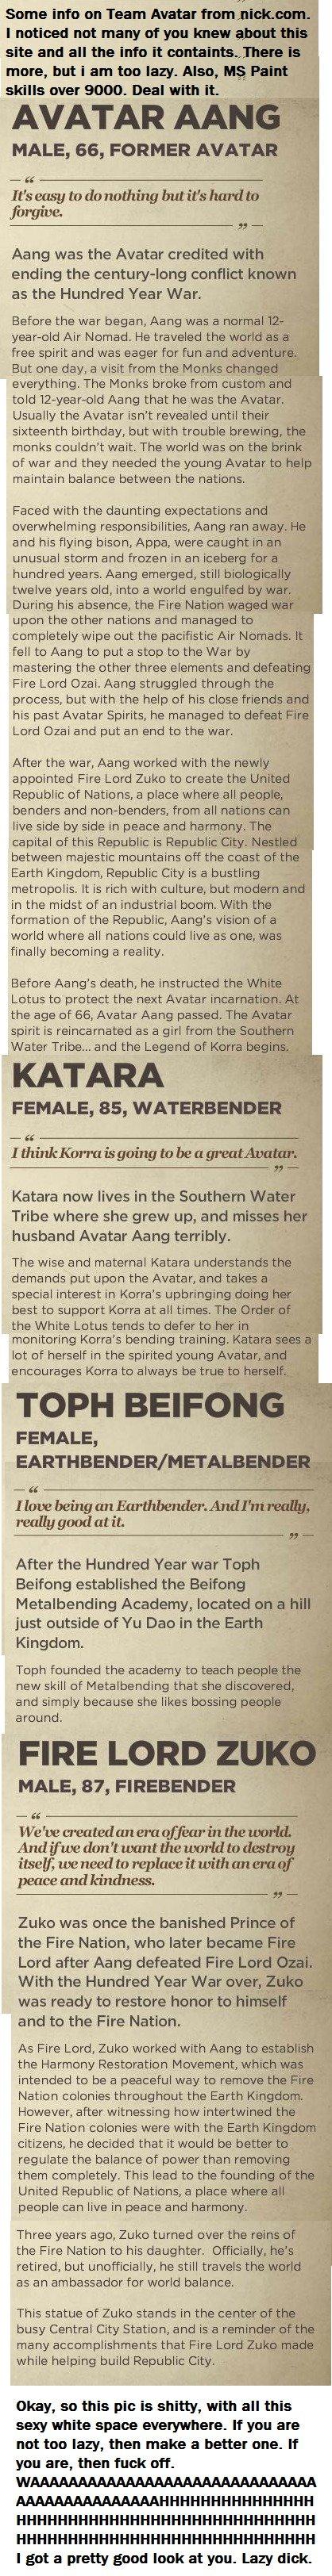 Team Avatar info from nick.com. White space, white space everywhere. TL;DR Aang: blah blah blah Katara: blah blah blah Toph: nothing in particular Zuko: blah bl zuko is alive